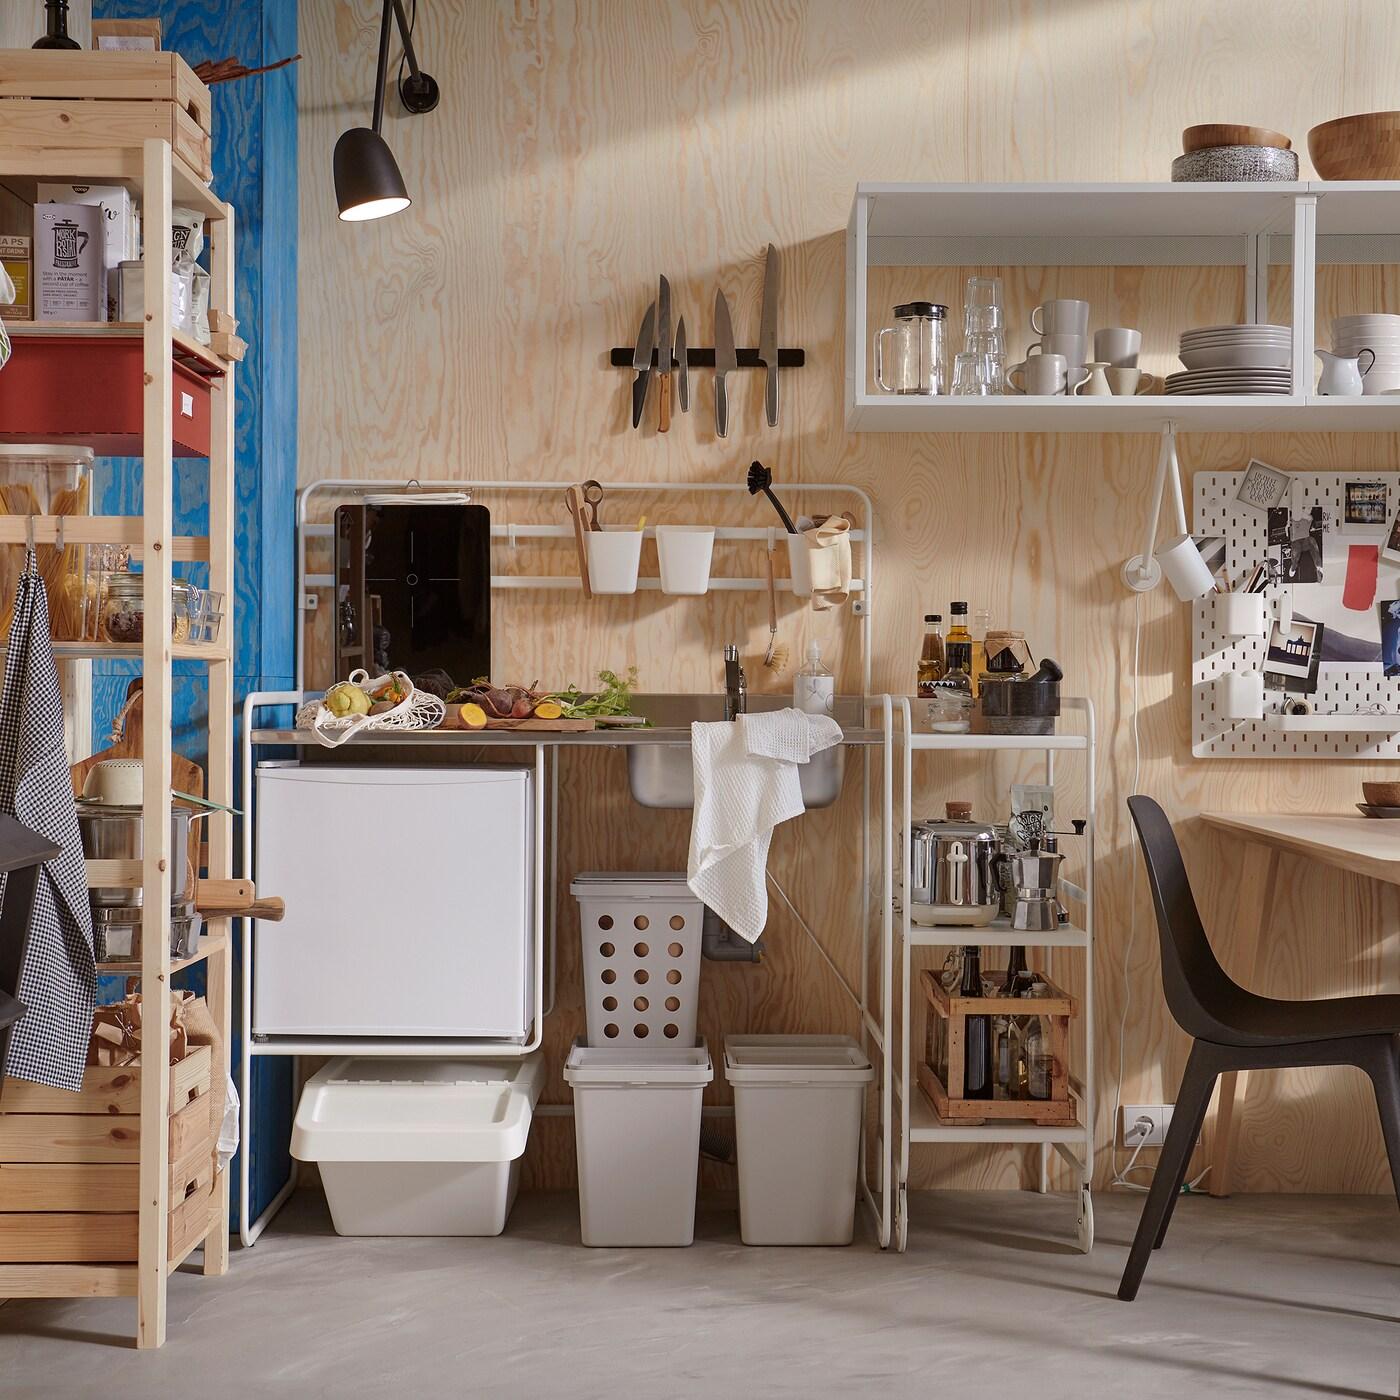 Deco Dapur Barang Ikea | Desainrumahid.com